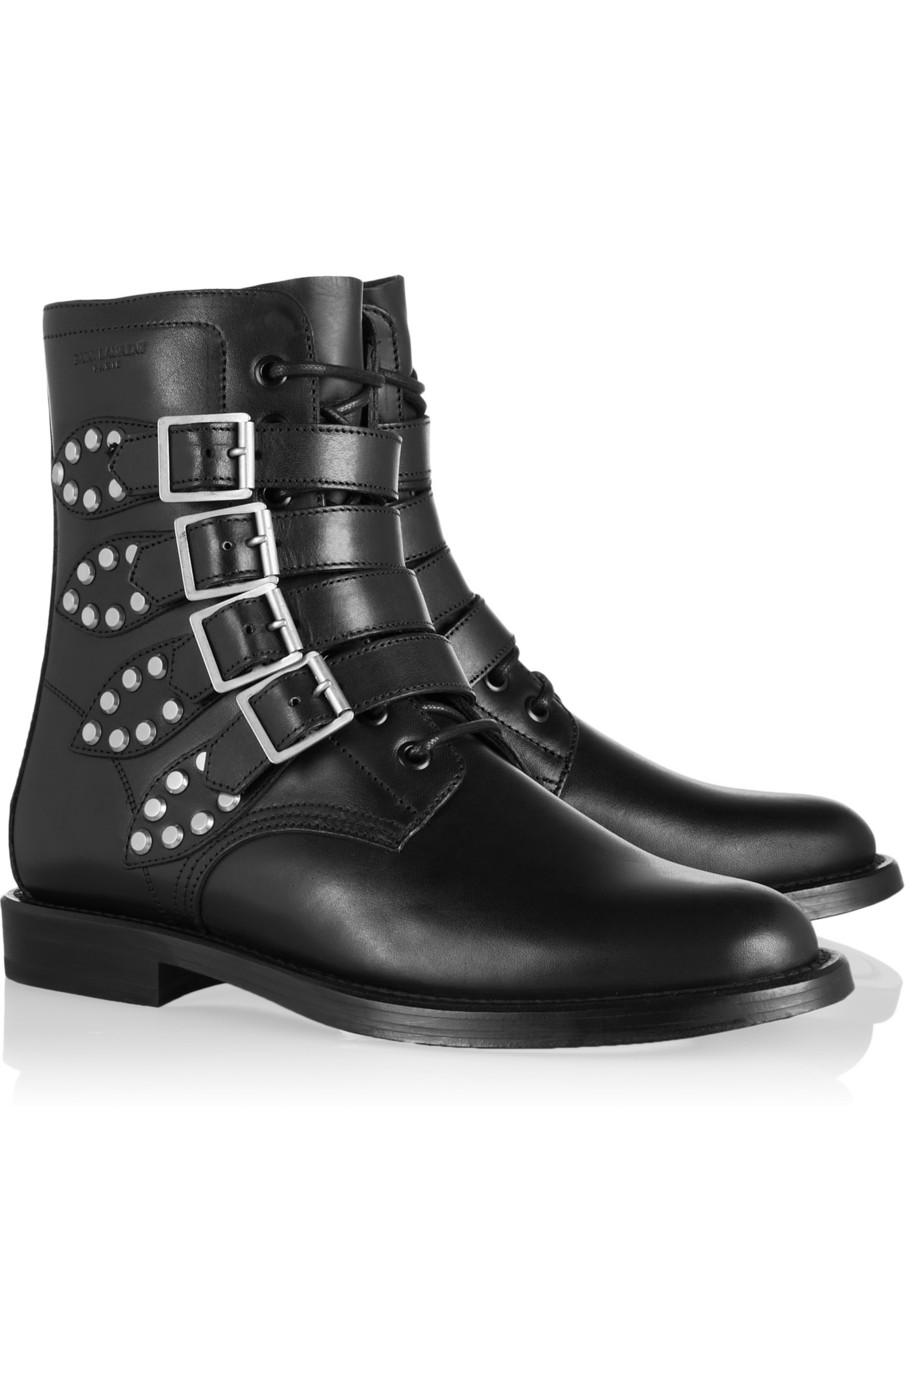 Saint Laurent Black Leather And Lace Shoes